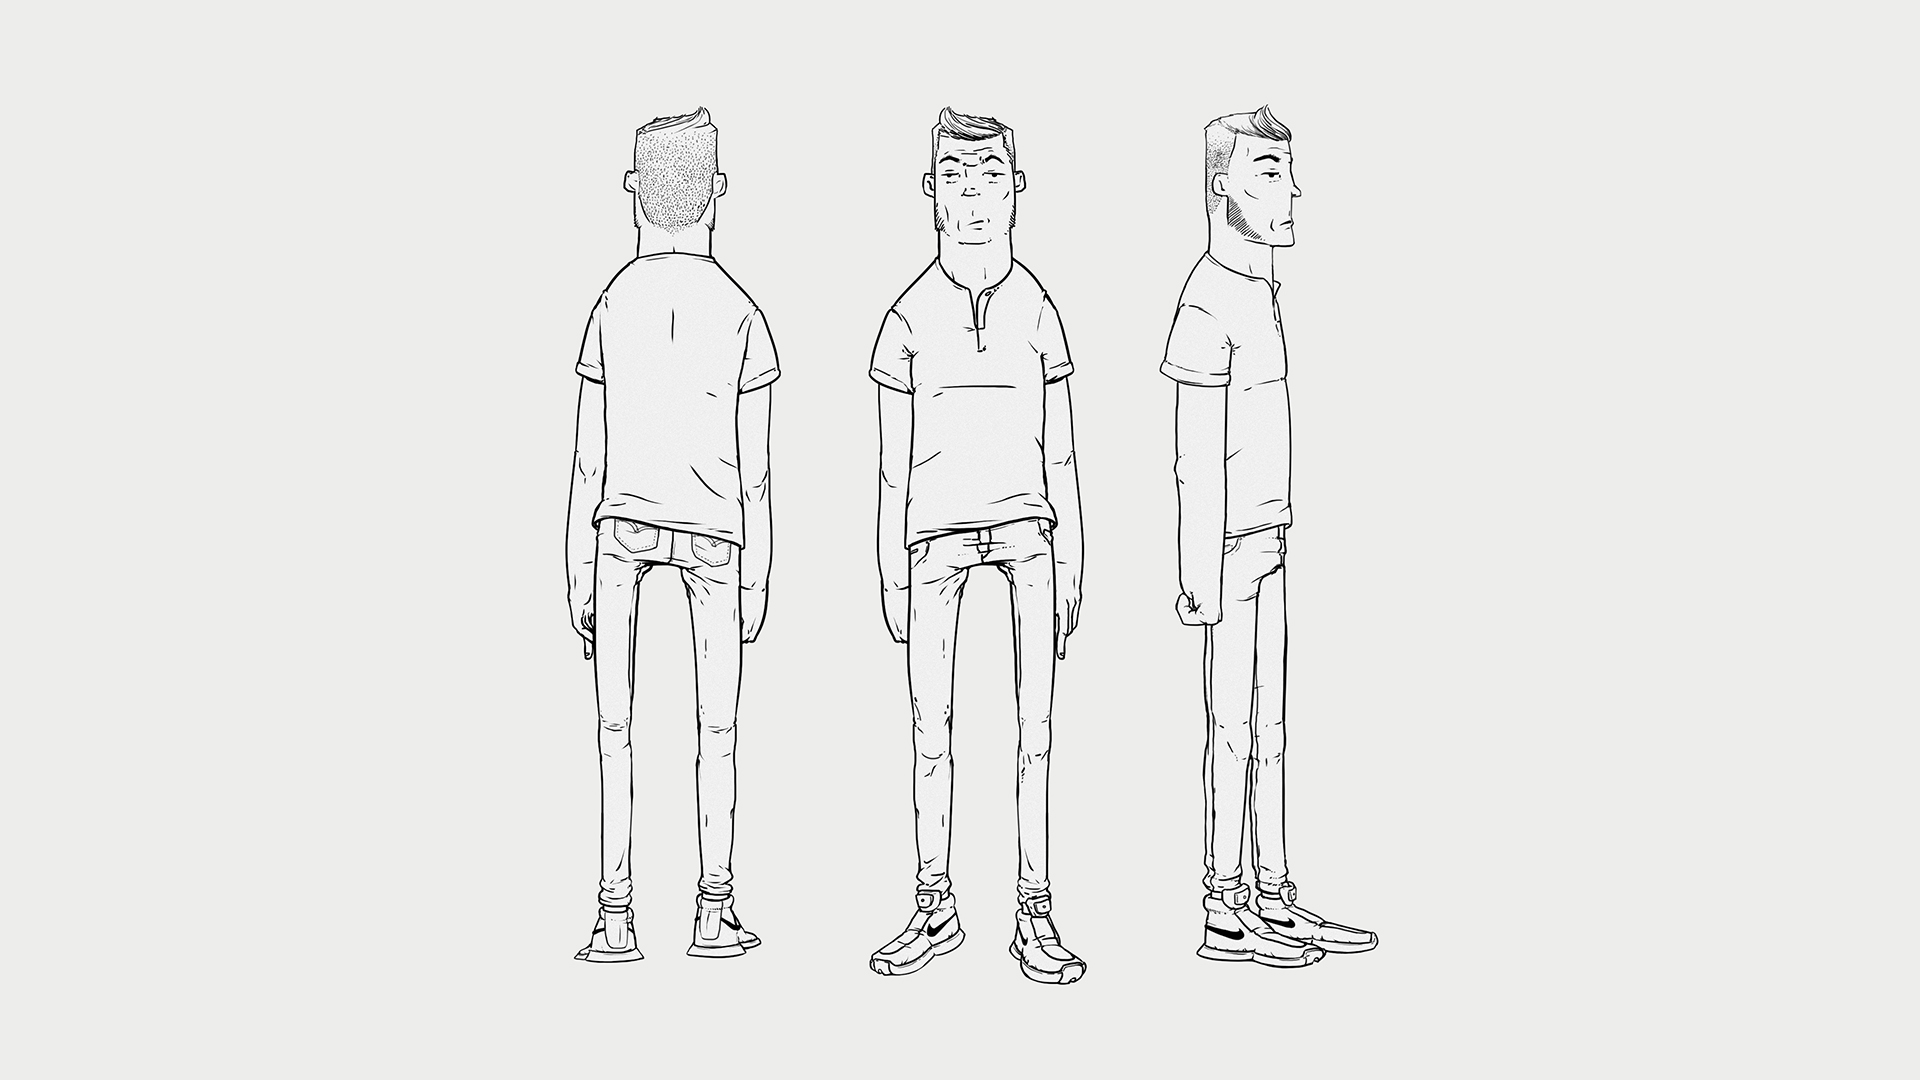 Character_Design15.jpg